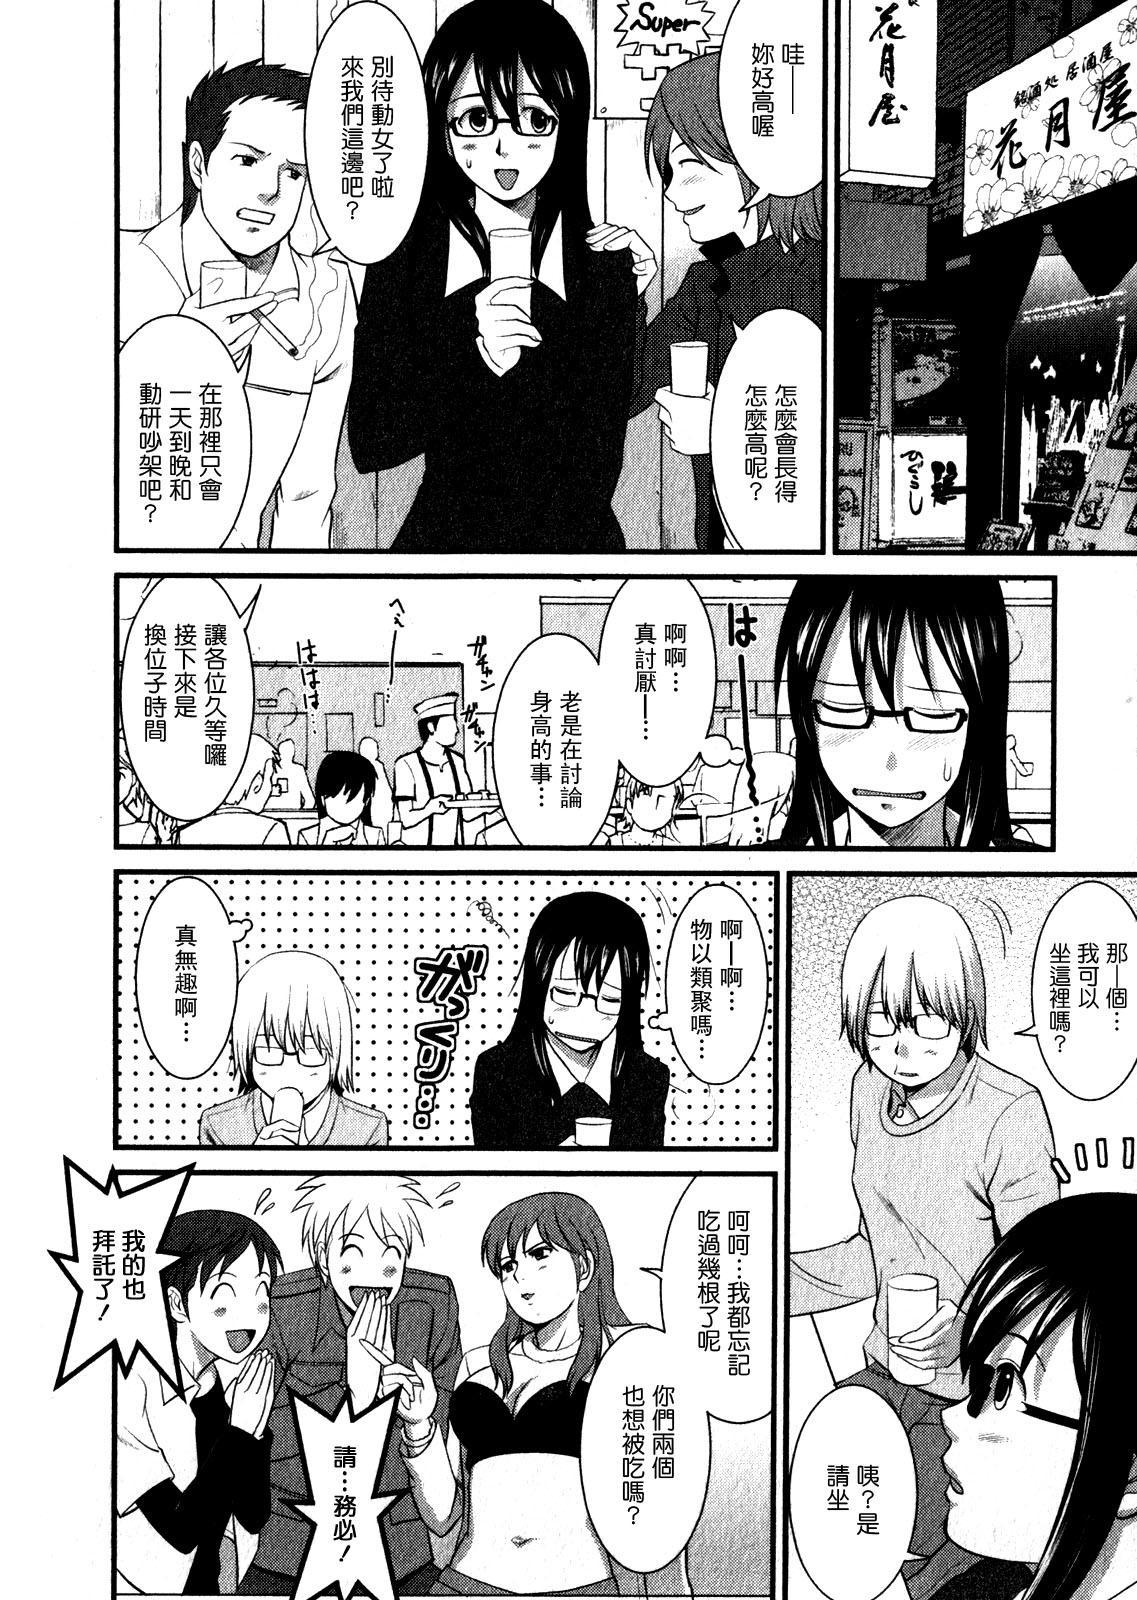 Otaku no Megami-san 1 53